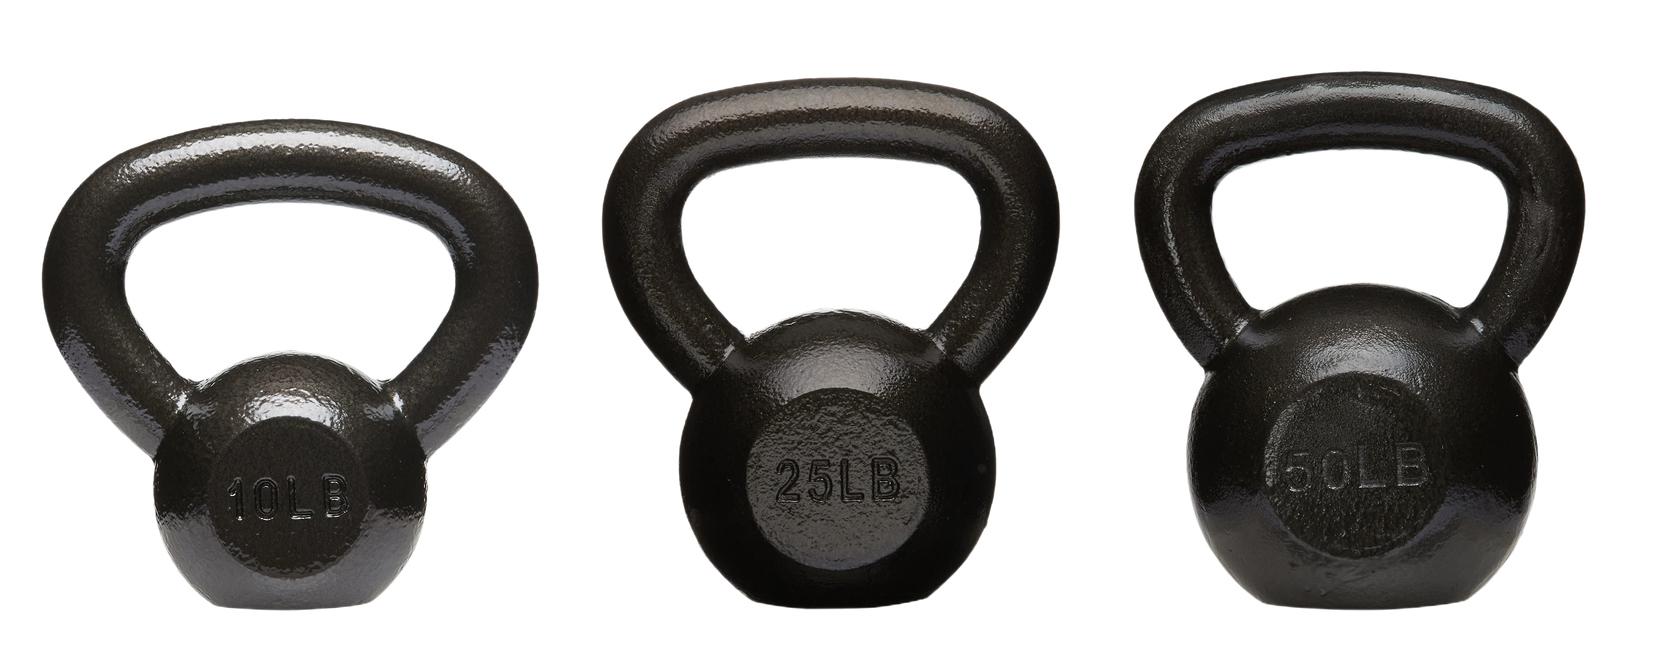 amazon basics cast iron kettlebell